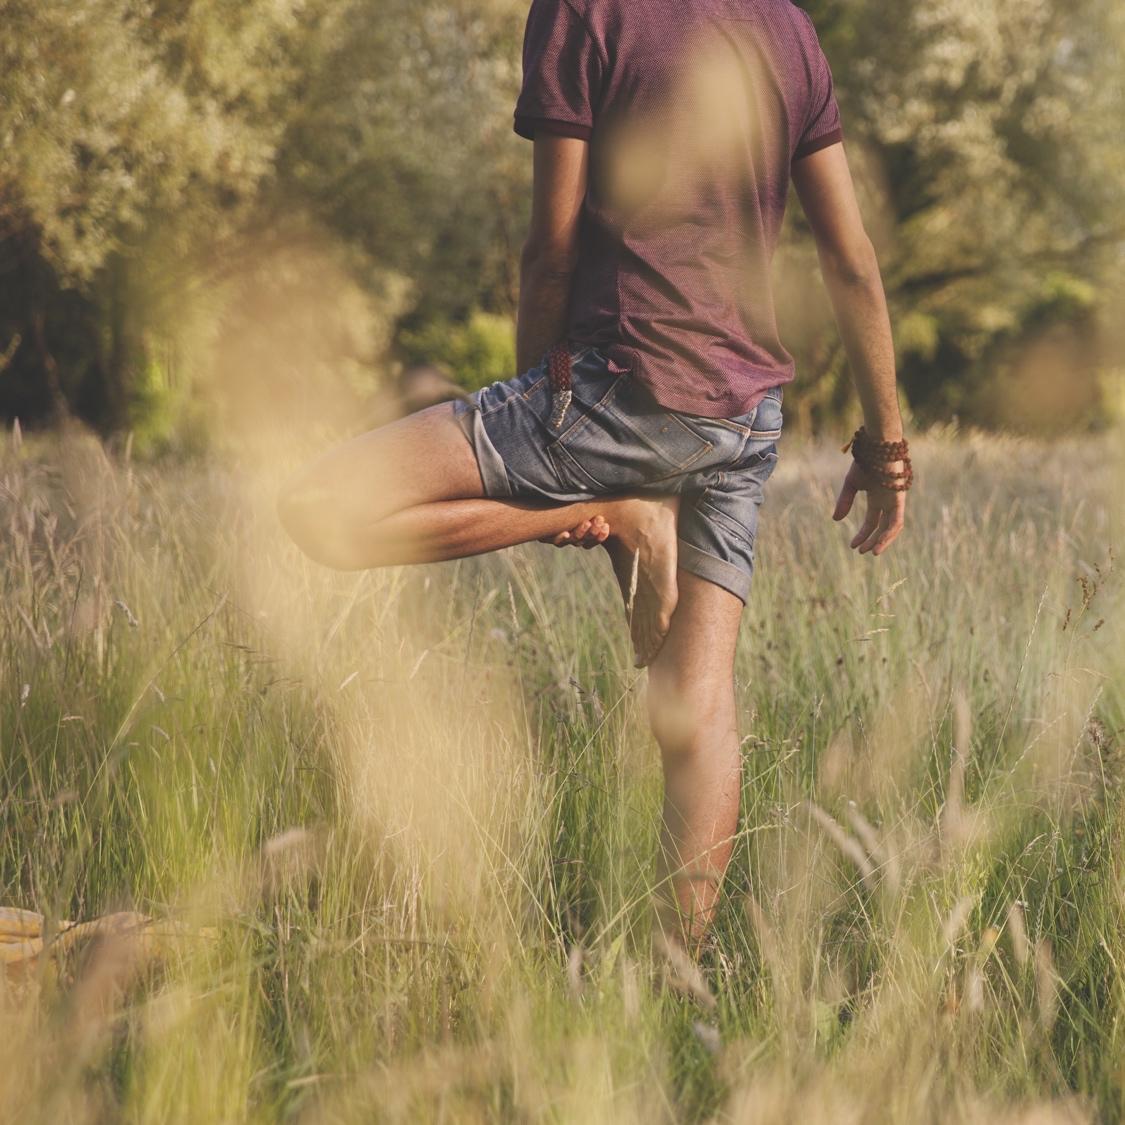 Rémy faisant la position de l'arbre dans une prairie